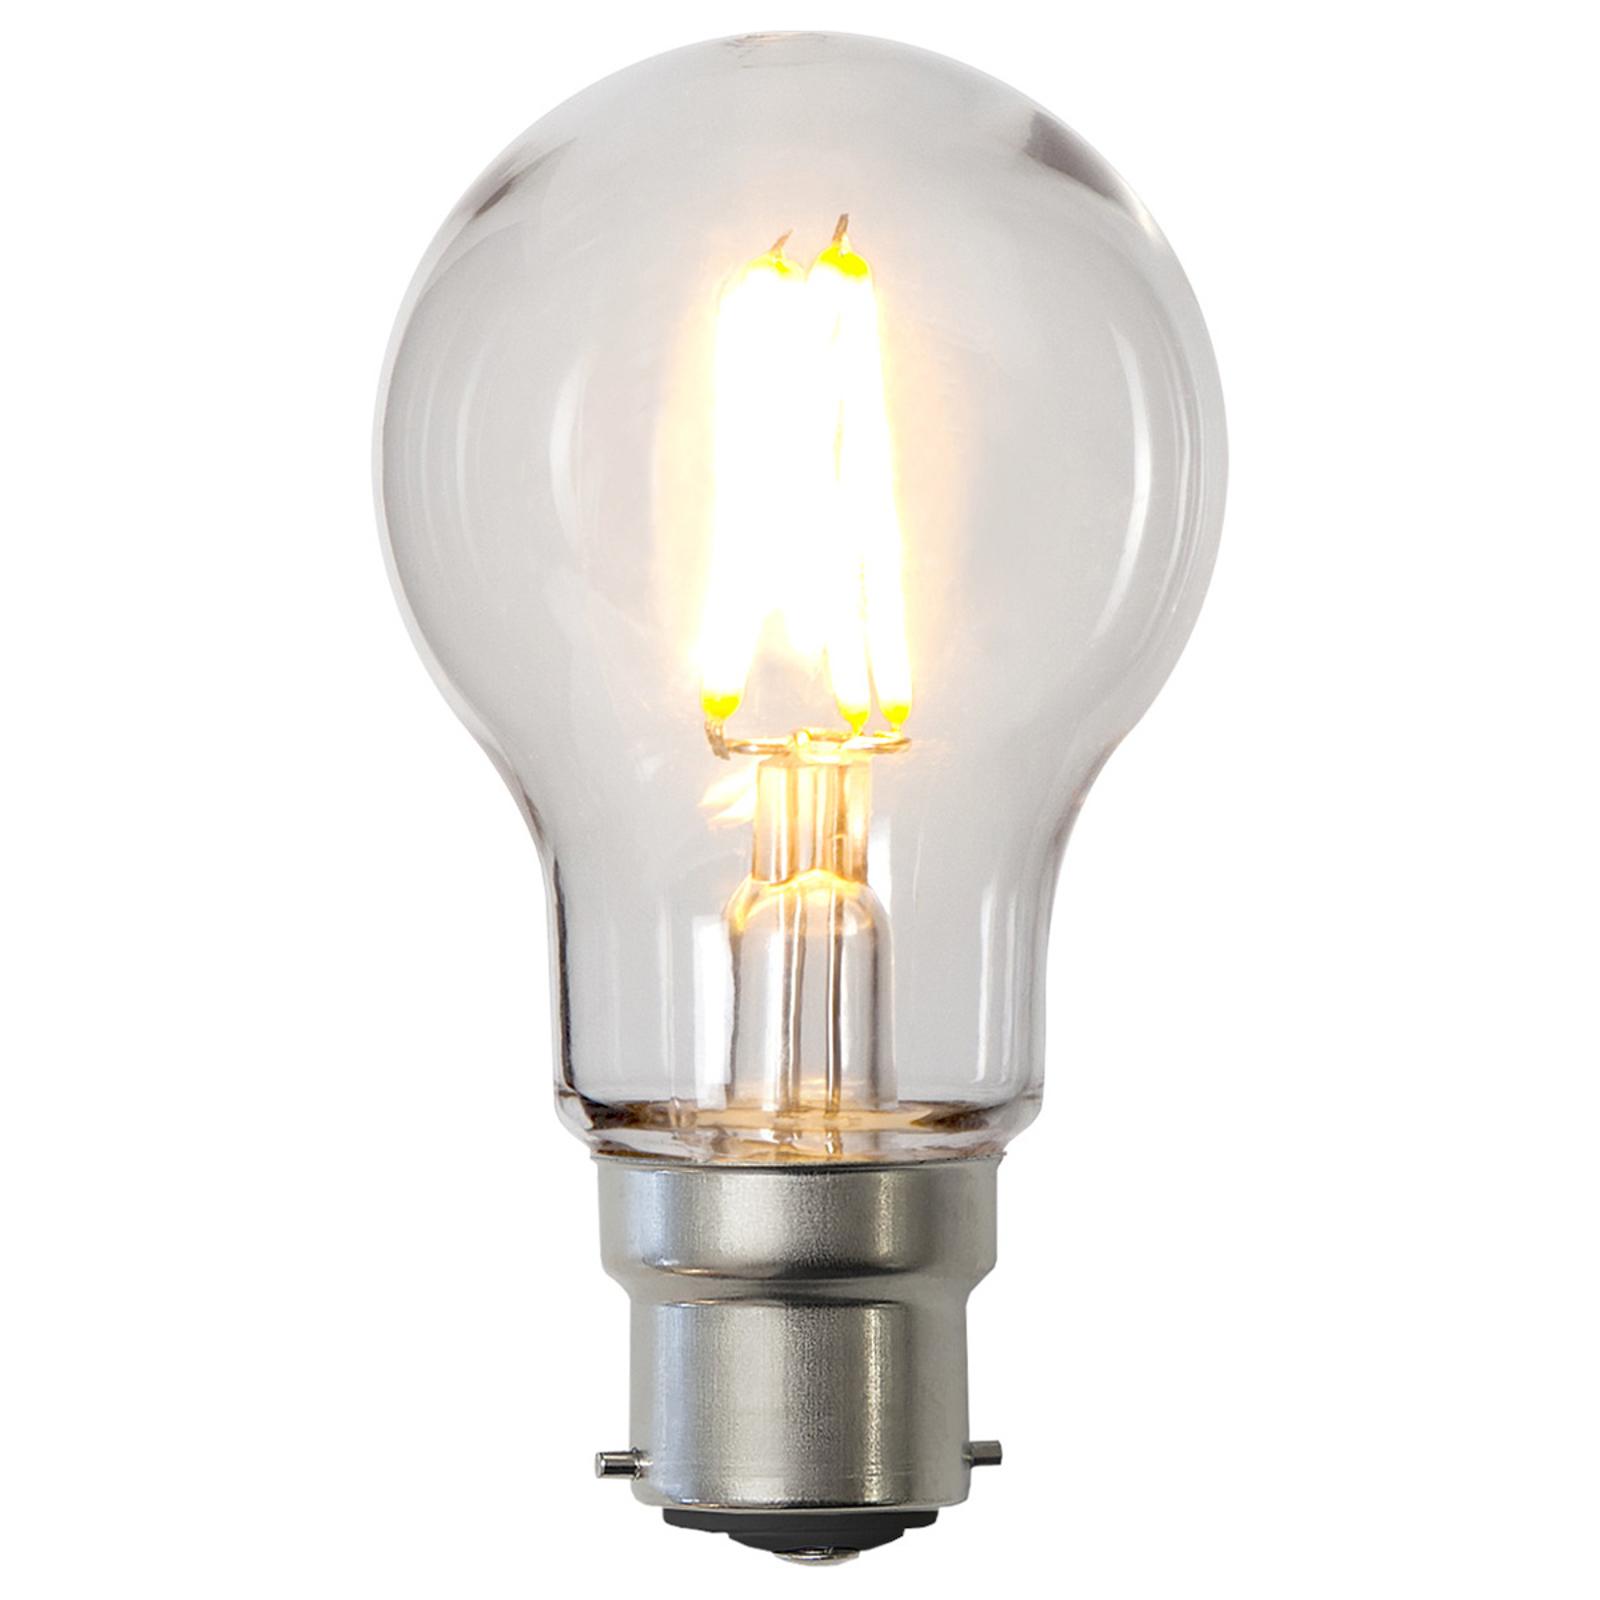 Ampoule LED B22 A55 2,4W polycarbonate